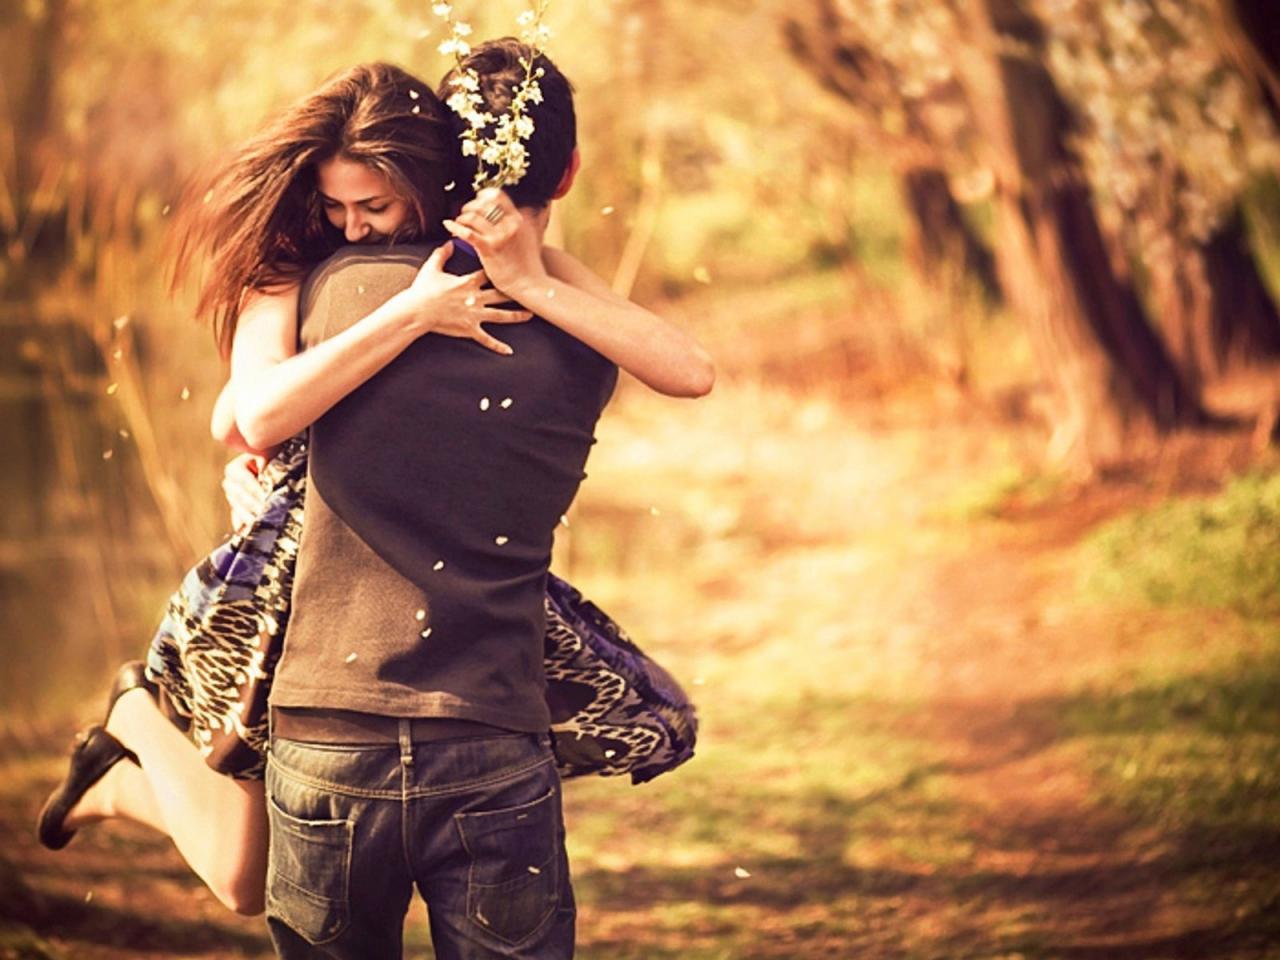 بالصور صور الحب الساخن , خلفيات رومانسية بين الاشخاص الحبيبة 3185 7